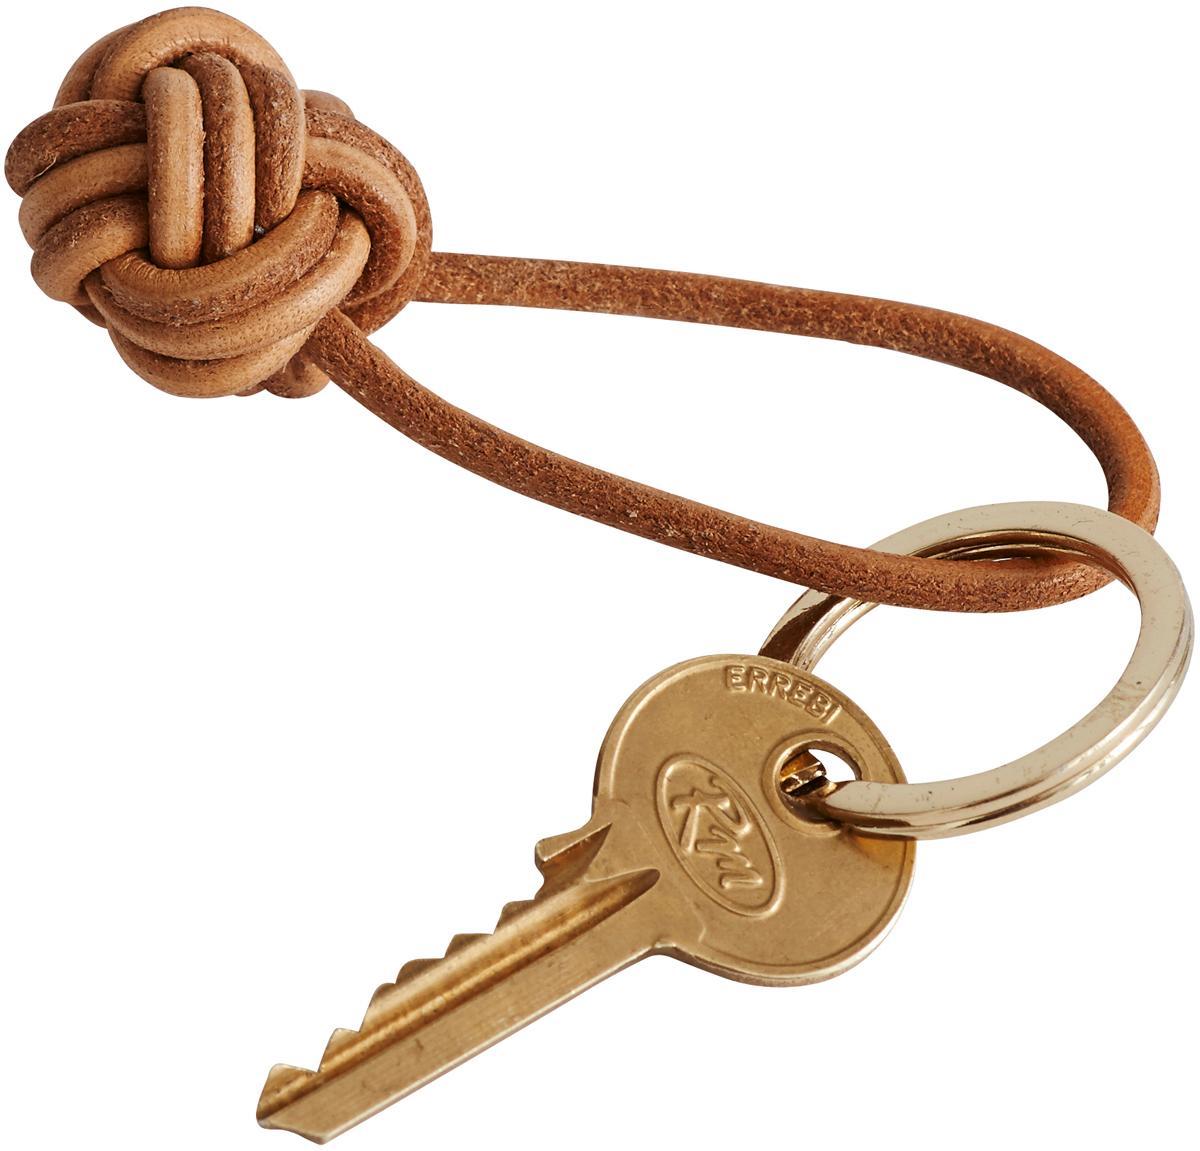 Schlüsselanhänger Knot, Leder, Braun, Ø 4 cm